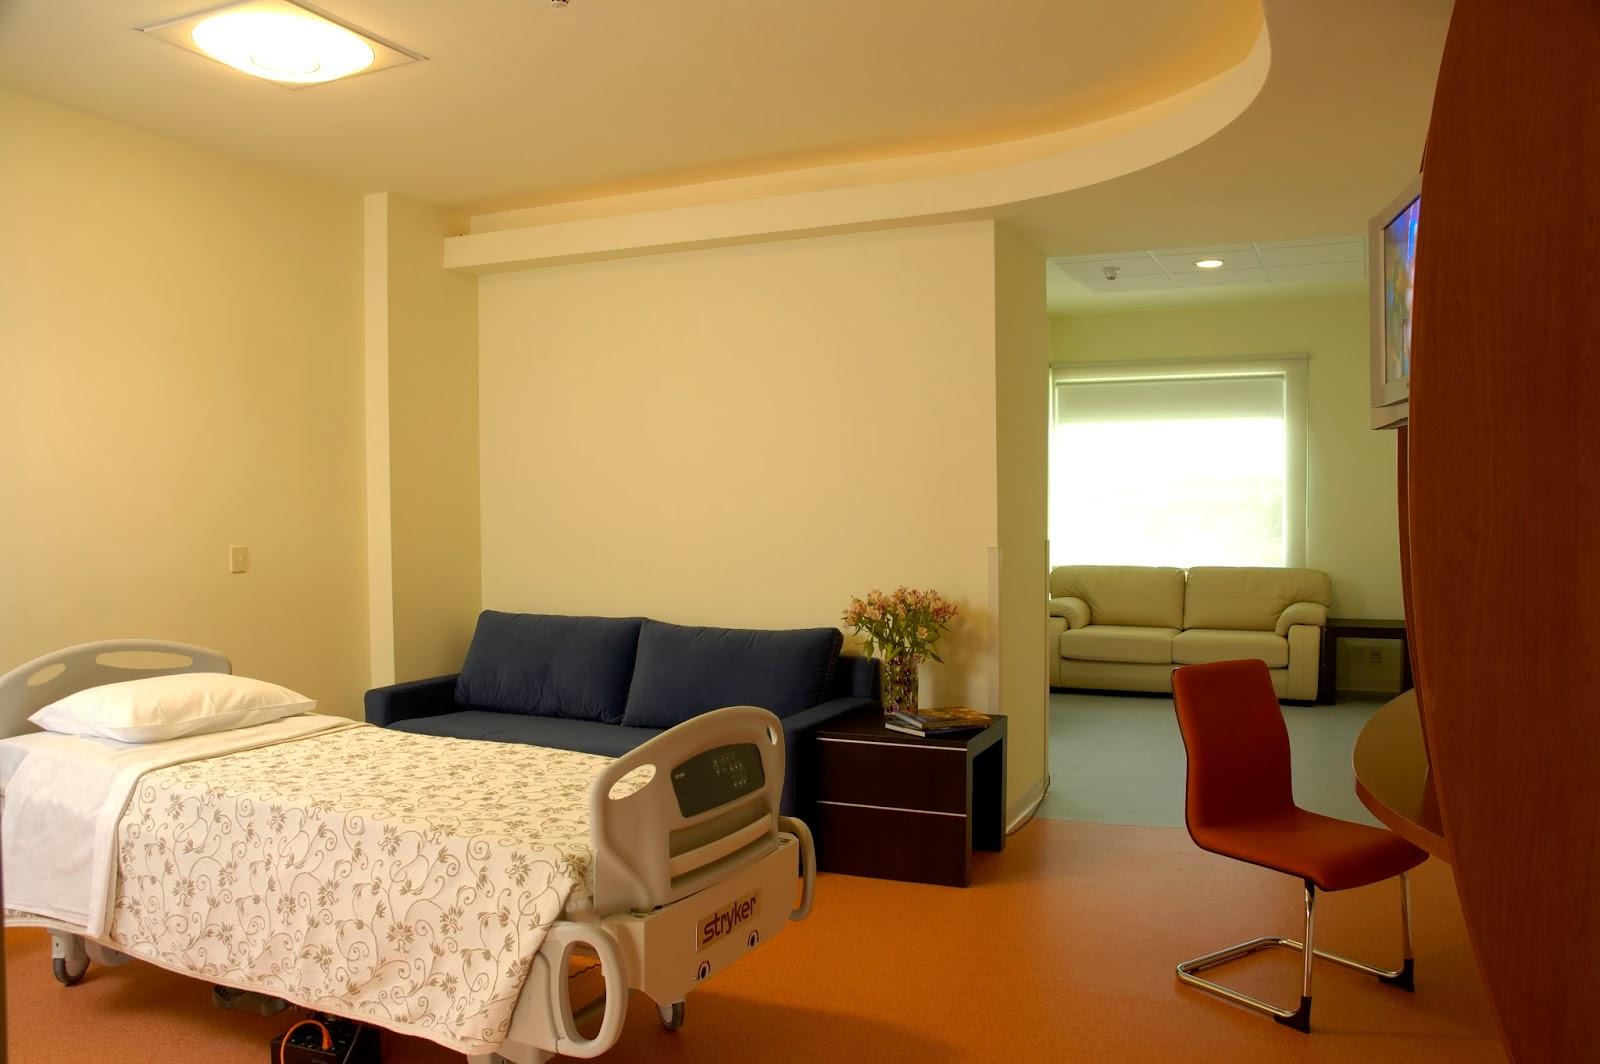 Dr allan ceballos puerta de hierro hospital gallery - Puertas de hierro ...